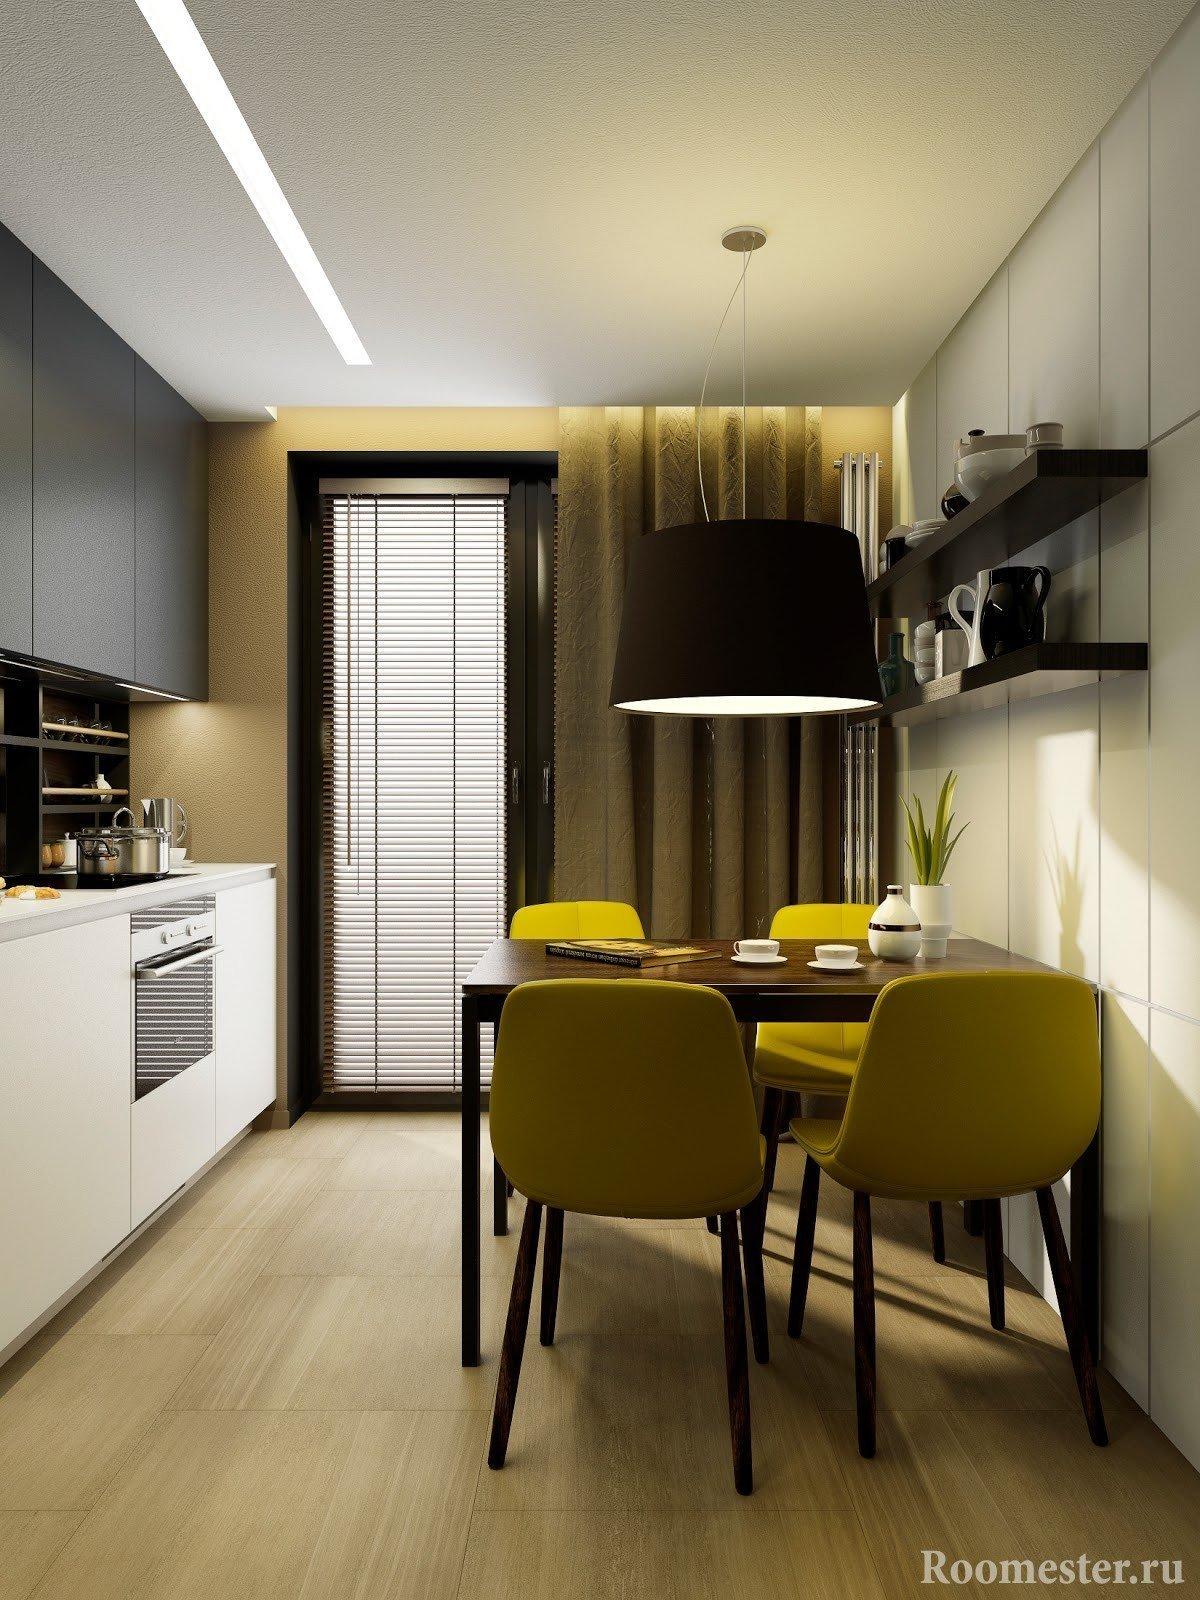 Кухня с балконной дверью